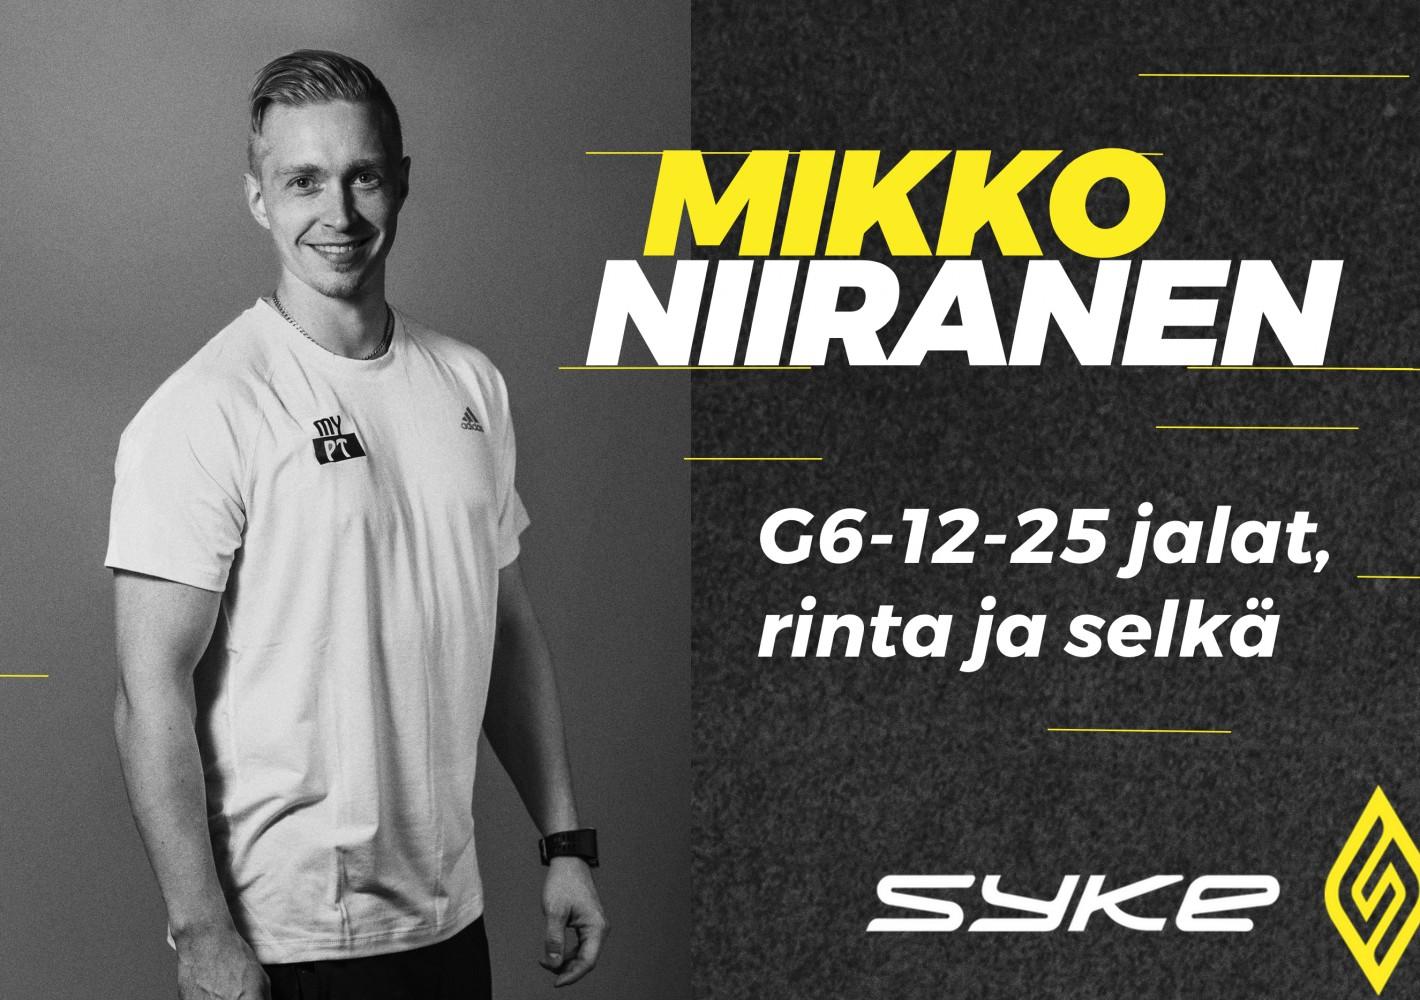 6-12-25 jalat, rinta ja selkä by Mikko Niiranen